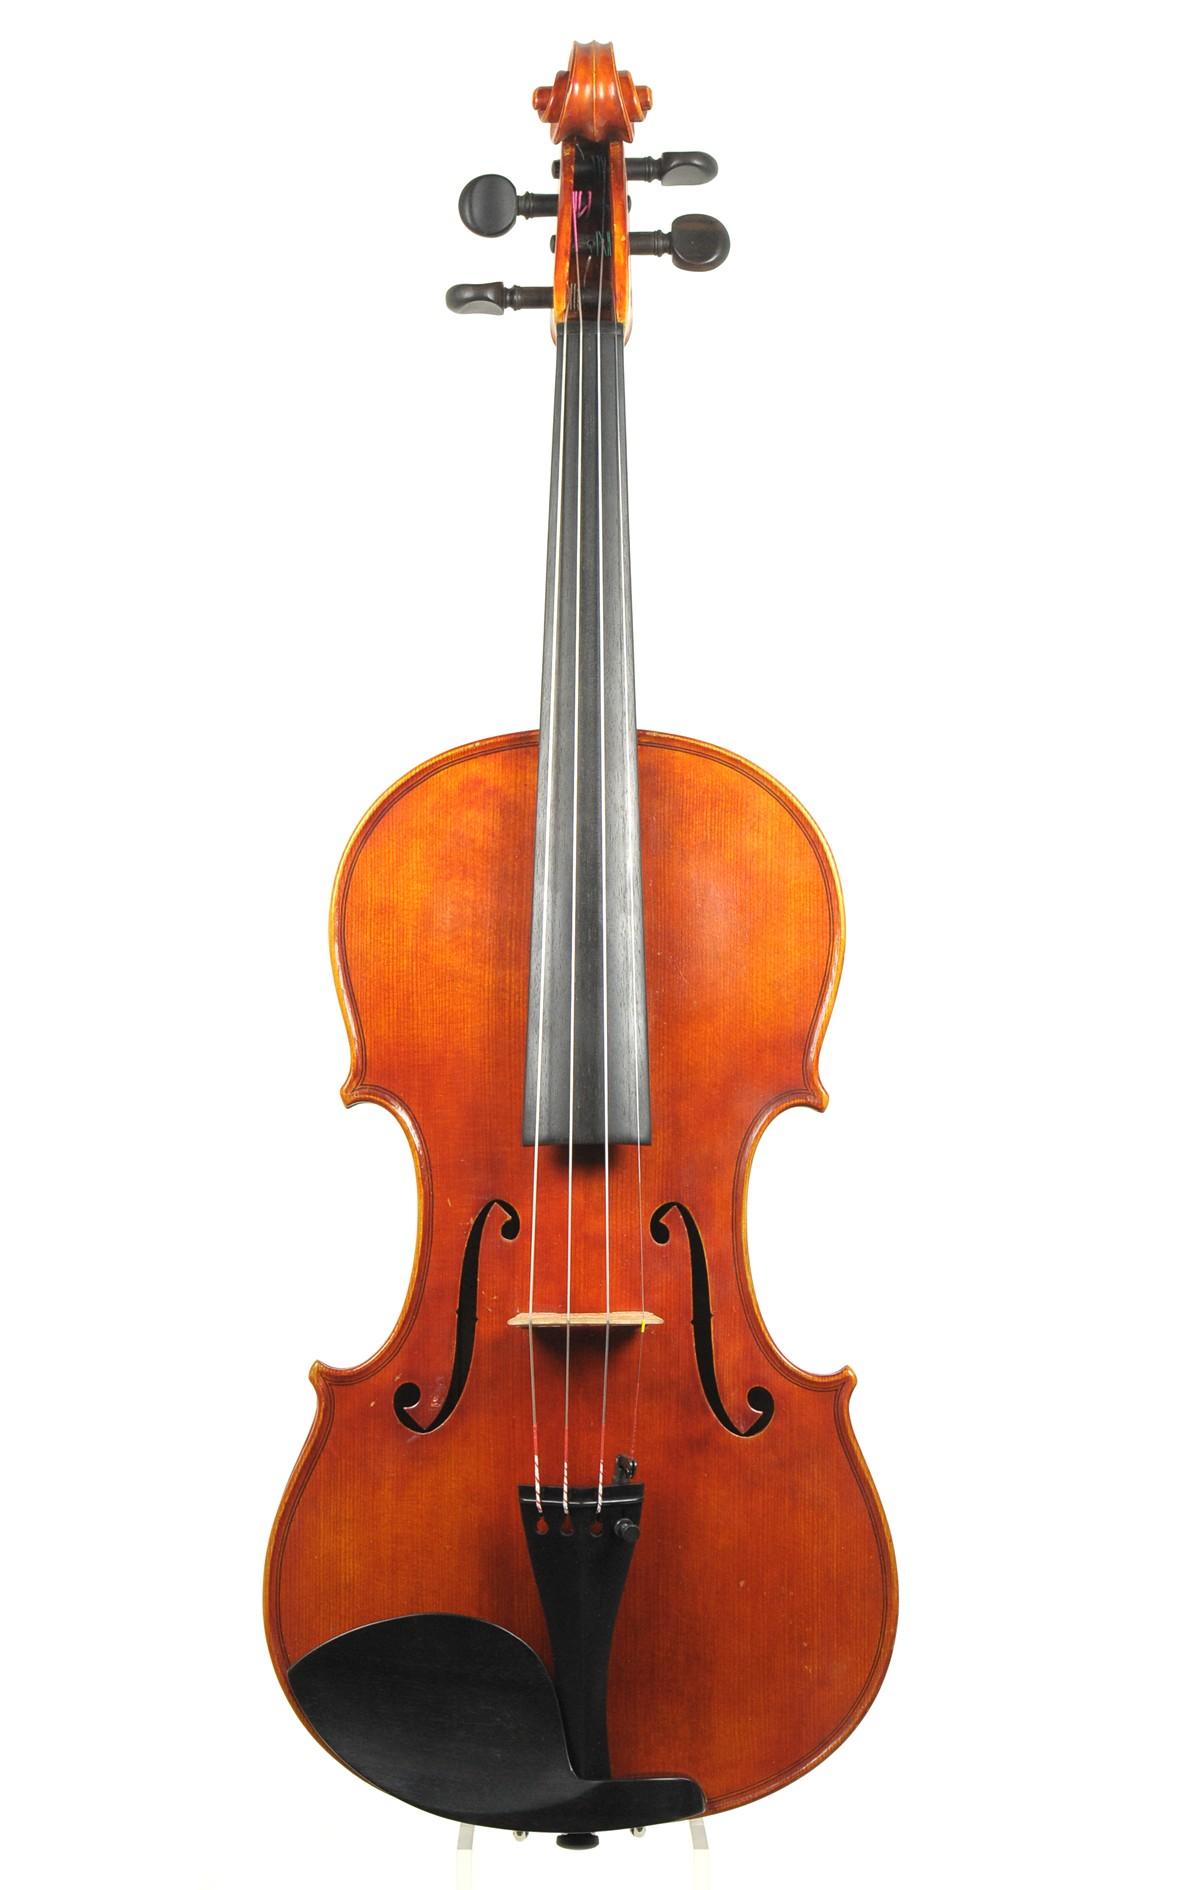 Paul Ritter, Violine nach Guarneri, 1922